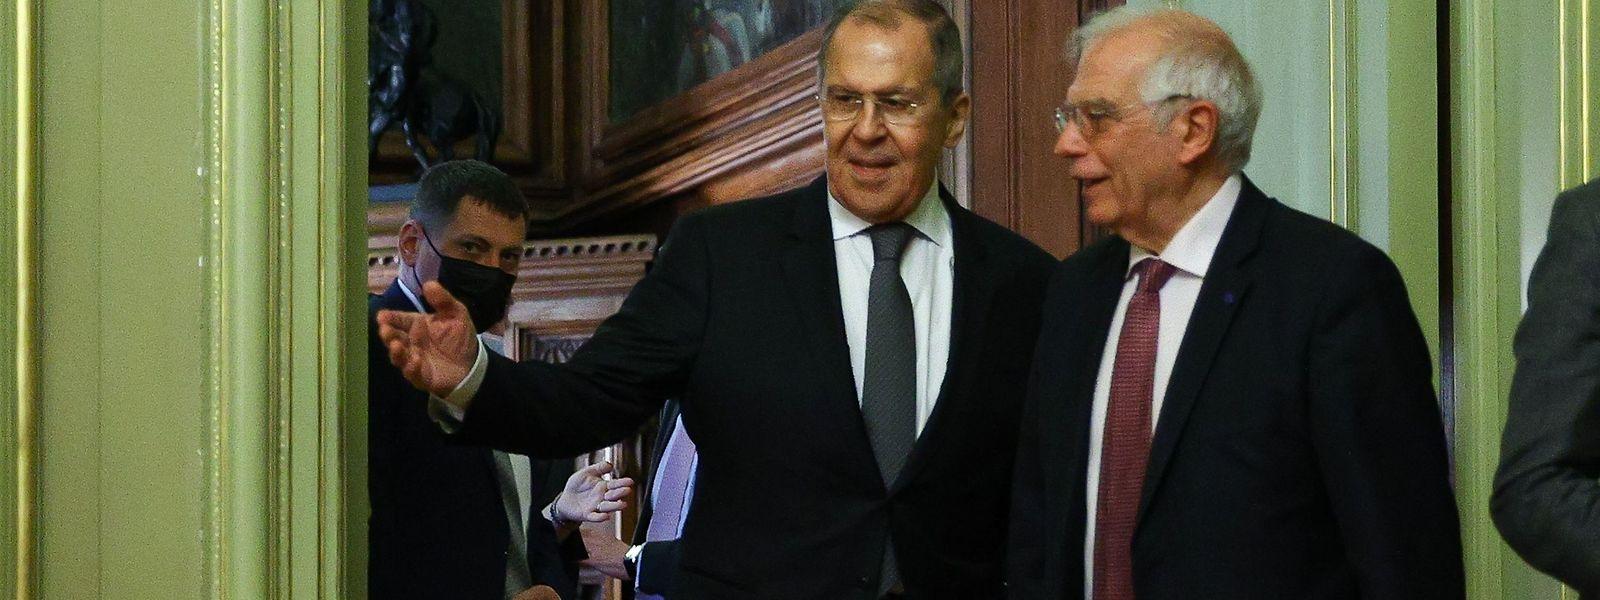 Russlands Außenminister Sergej Lawrow und der EU-Außenbeauftragte Josep Borrell (r.) betonen die Verbundenheit zwischen Russland und der EU.